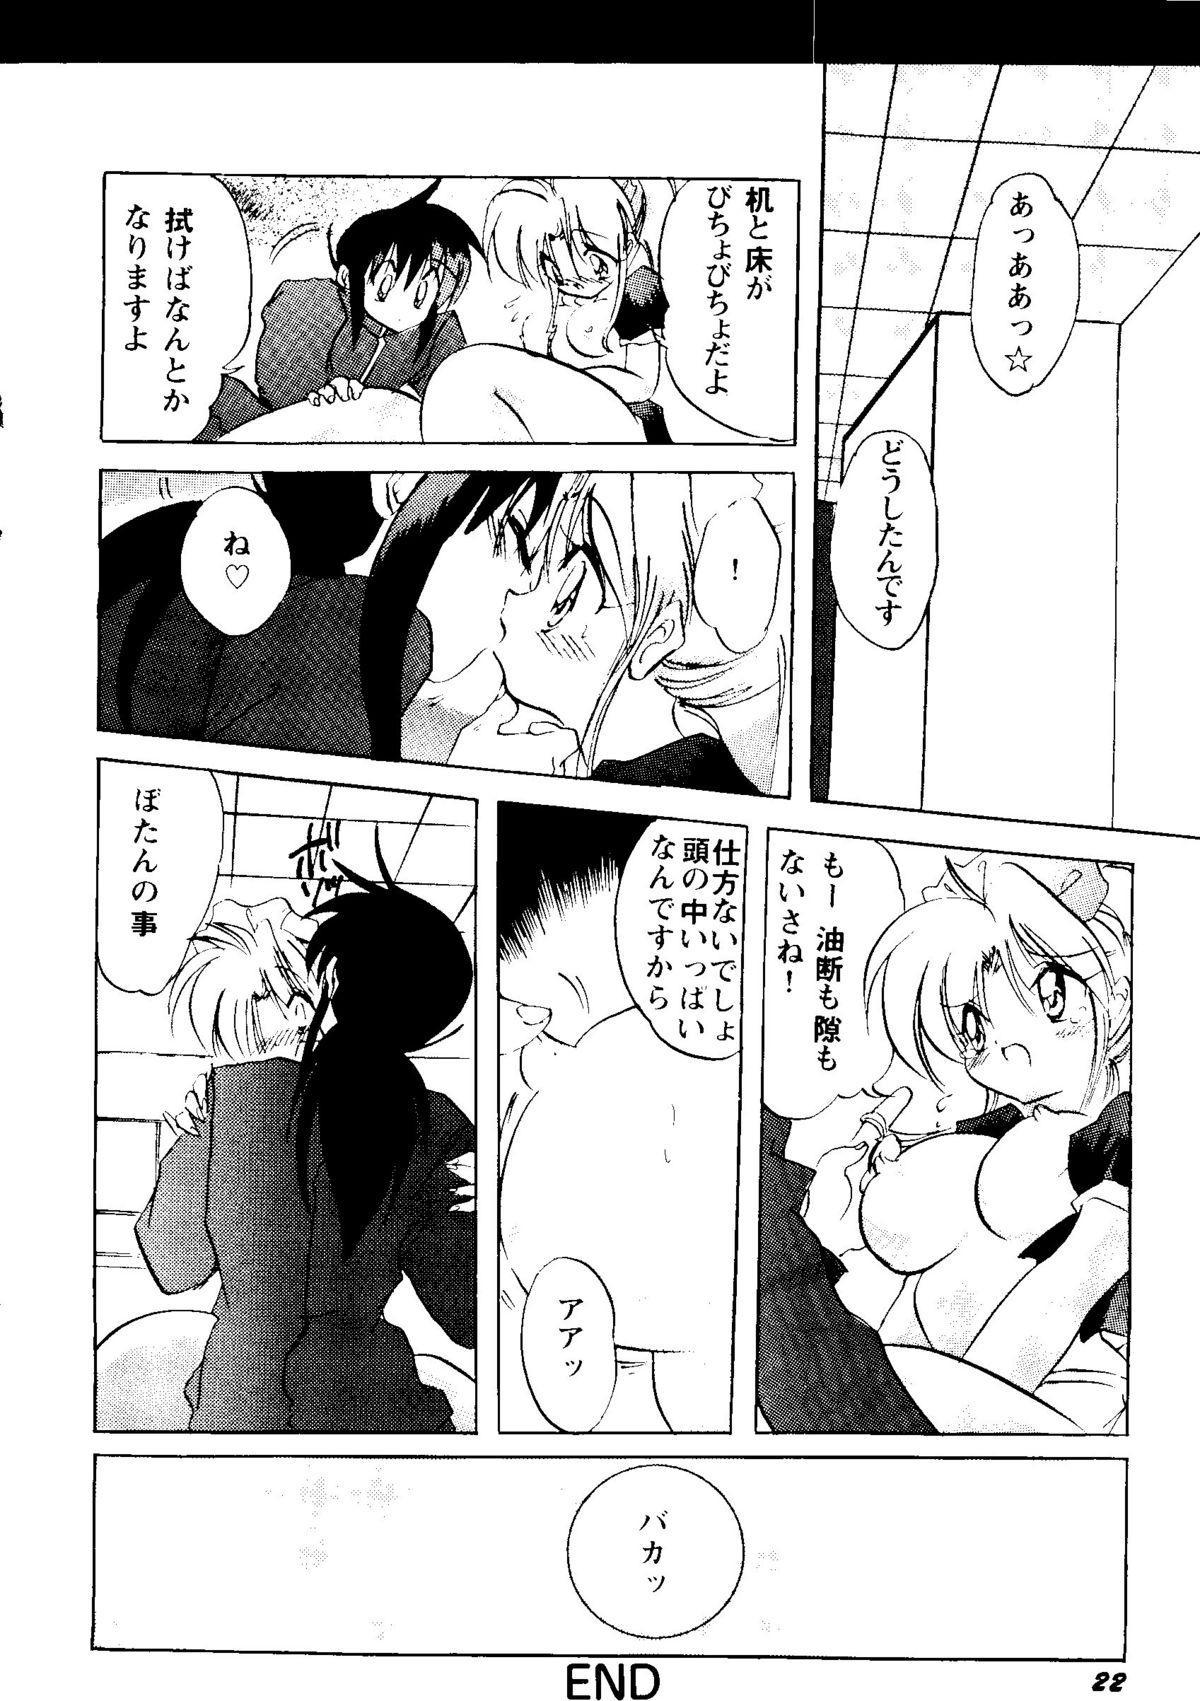 Bishoujo Doujinshi Anthology Cute 2 23